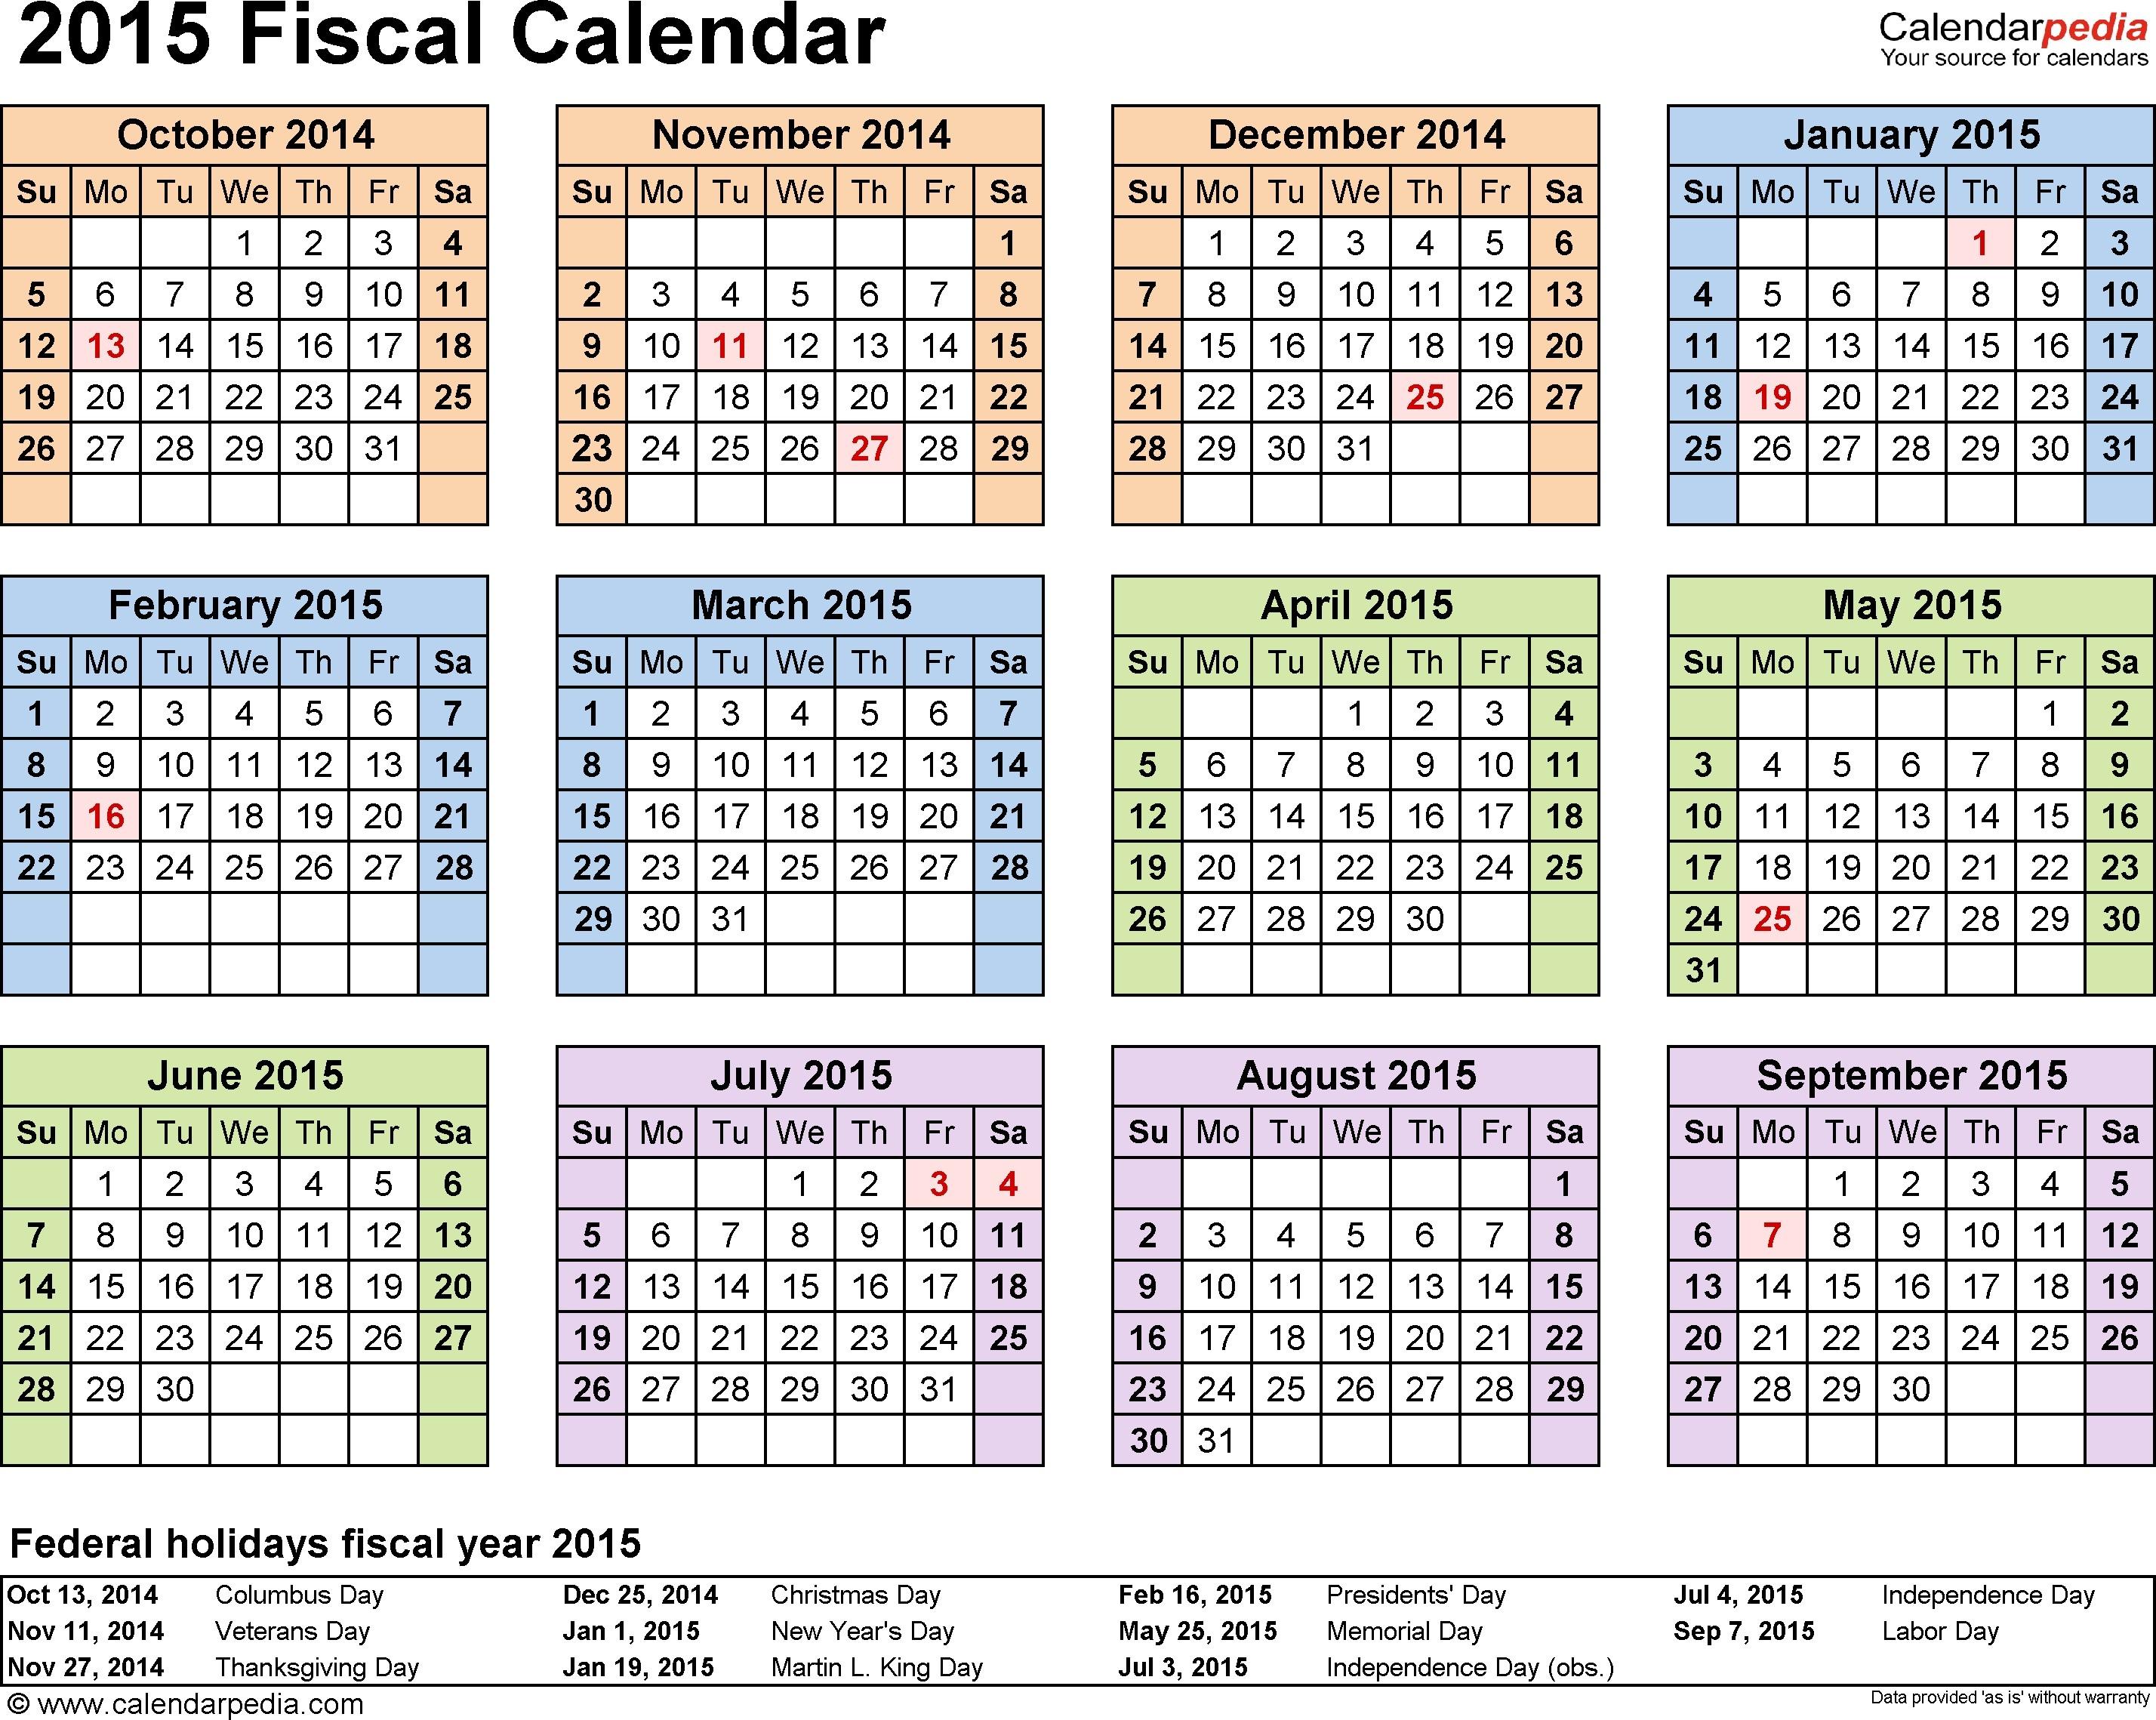 4 4 5 Calendar 2015 | Jcreview in 2019-2020 Fiscal Calendar 4 4 5